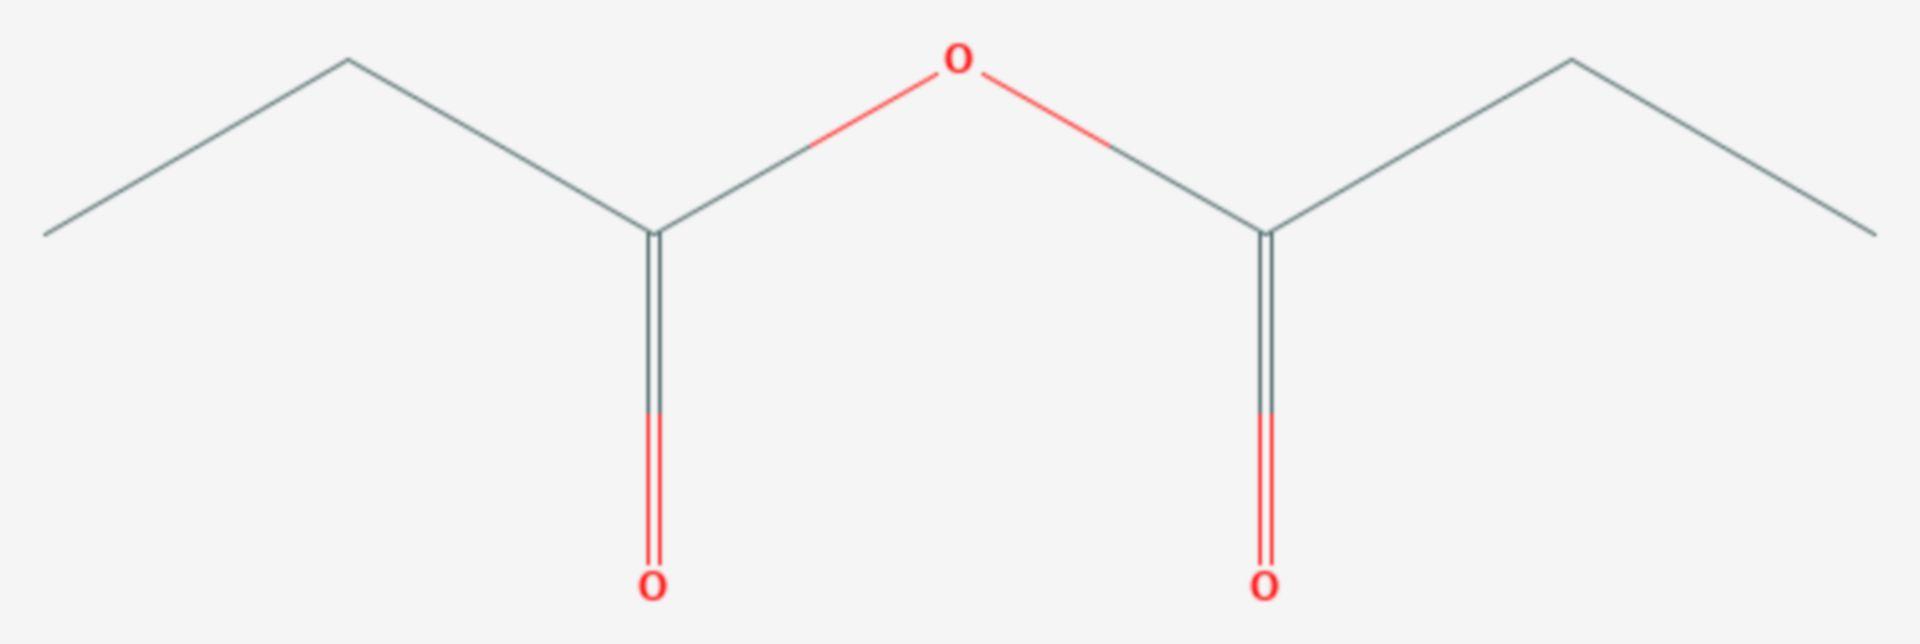 Propionsäureanhydrid (Strukturformel)